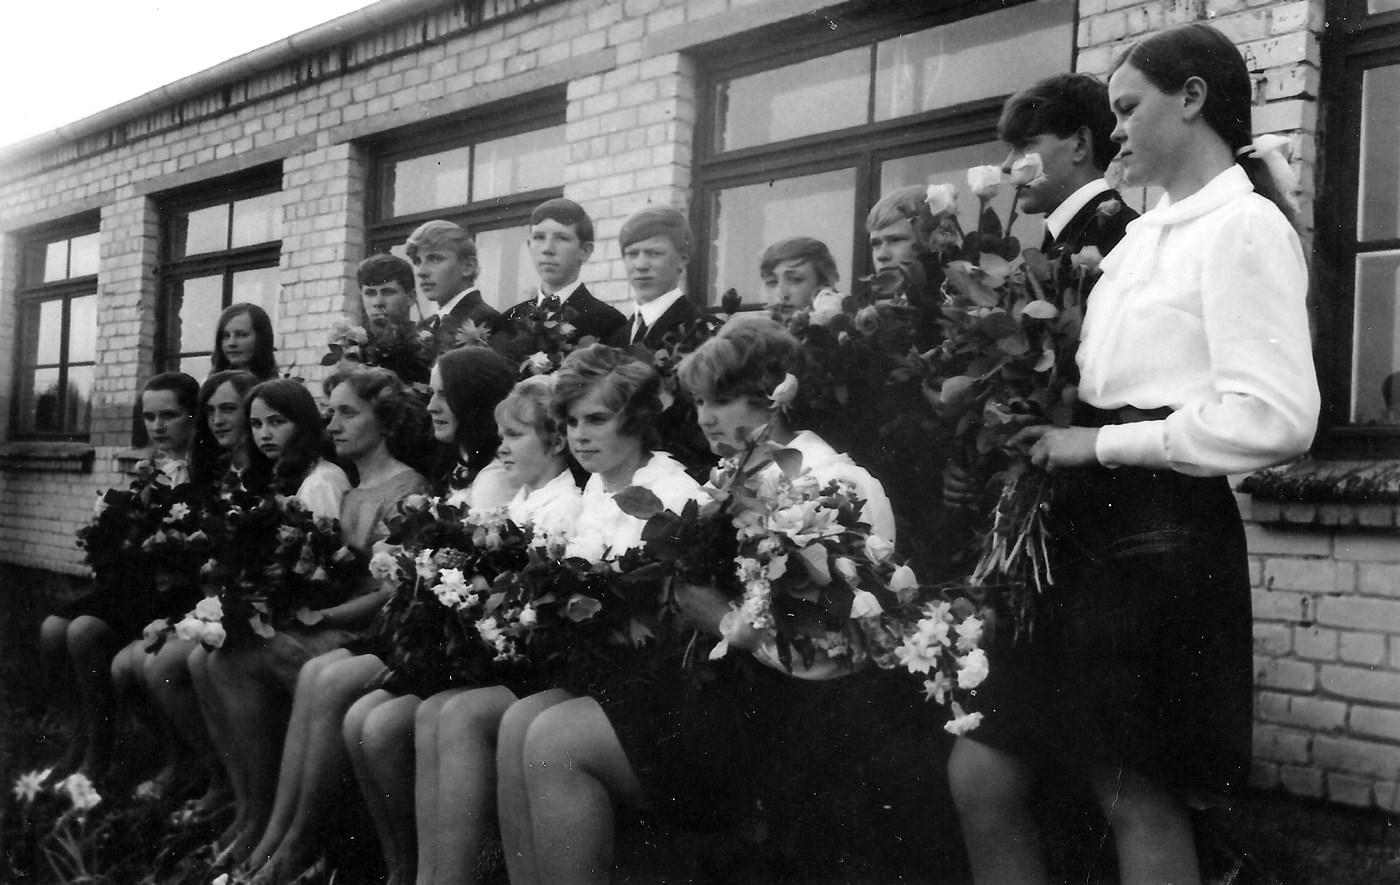 Skolotājas Arvīdas Miškas klases izlaidums 1970-tie gadi - 4